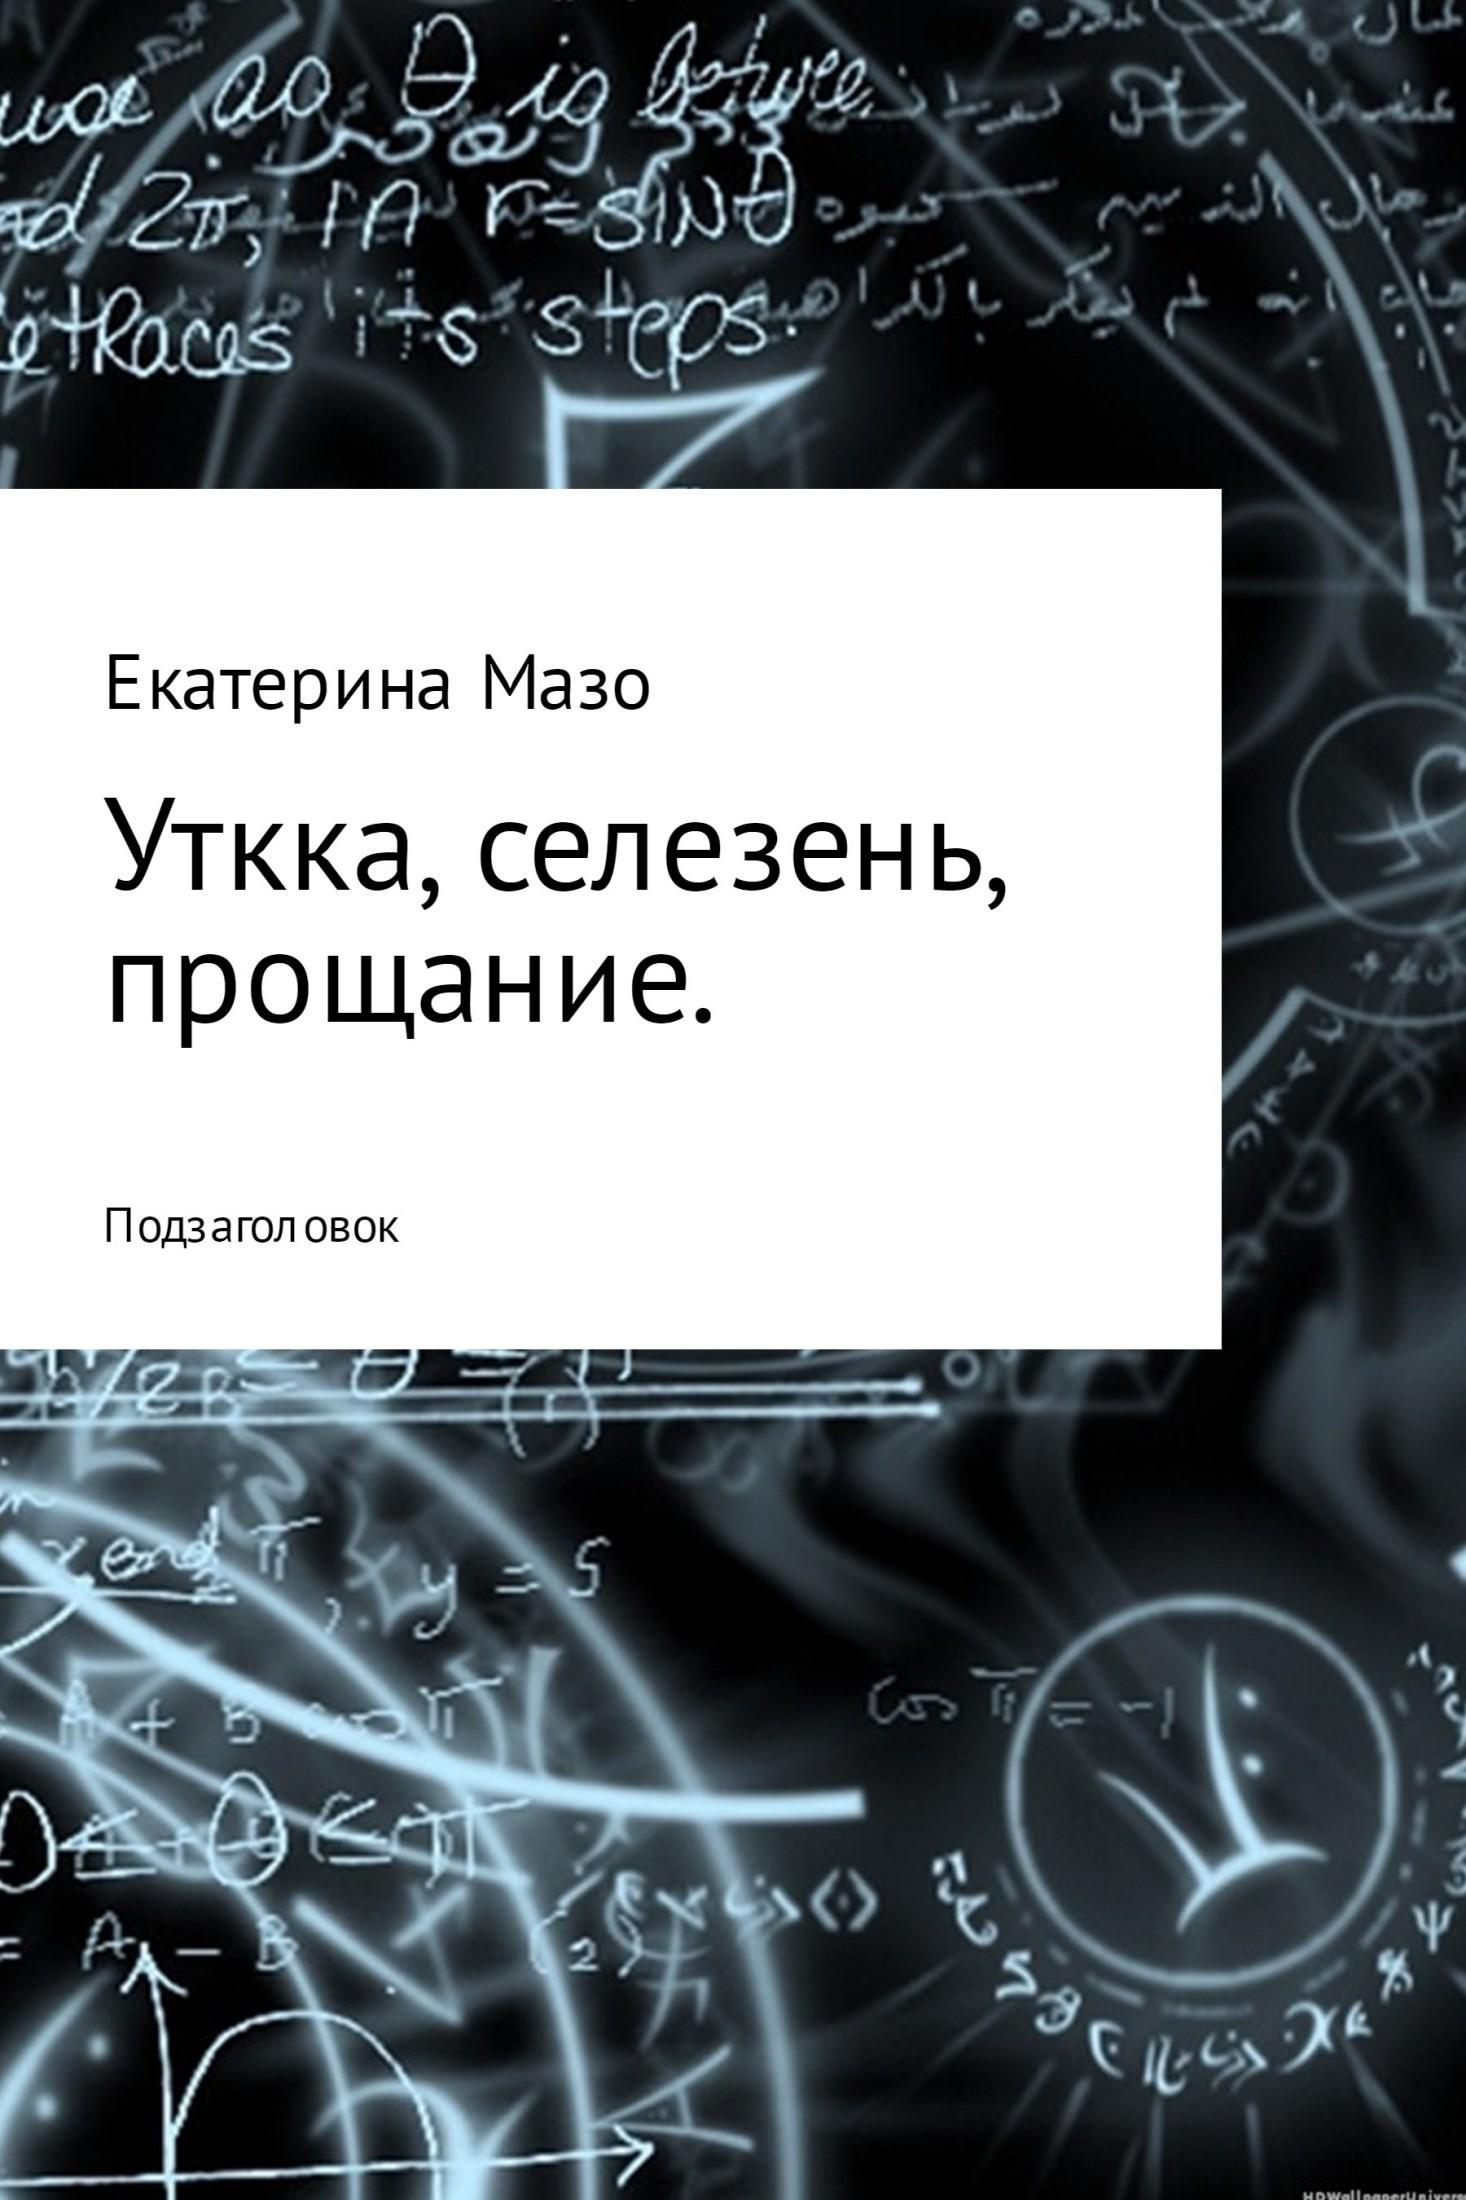 Екатерина Борисовна Мазо. Утка, селезень, прощание